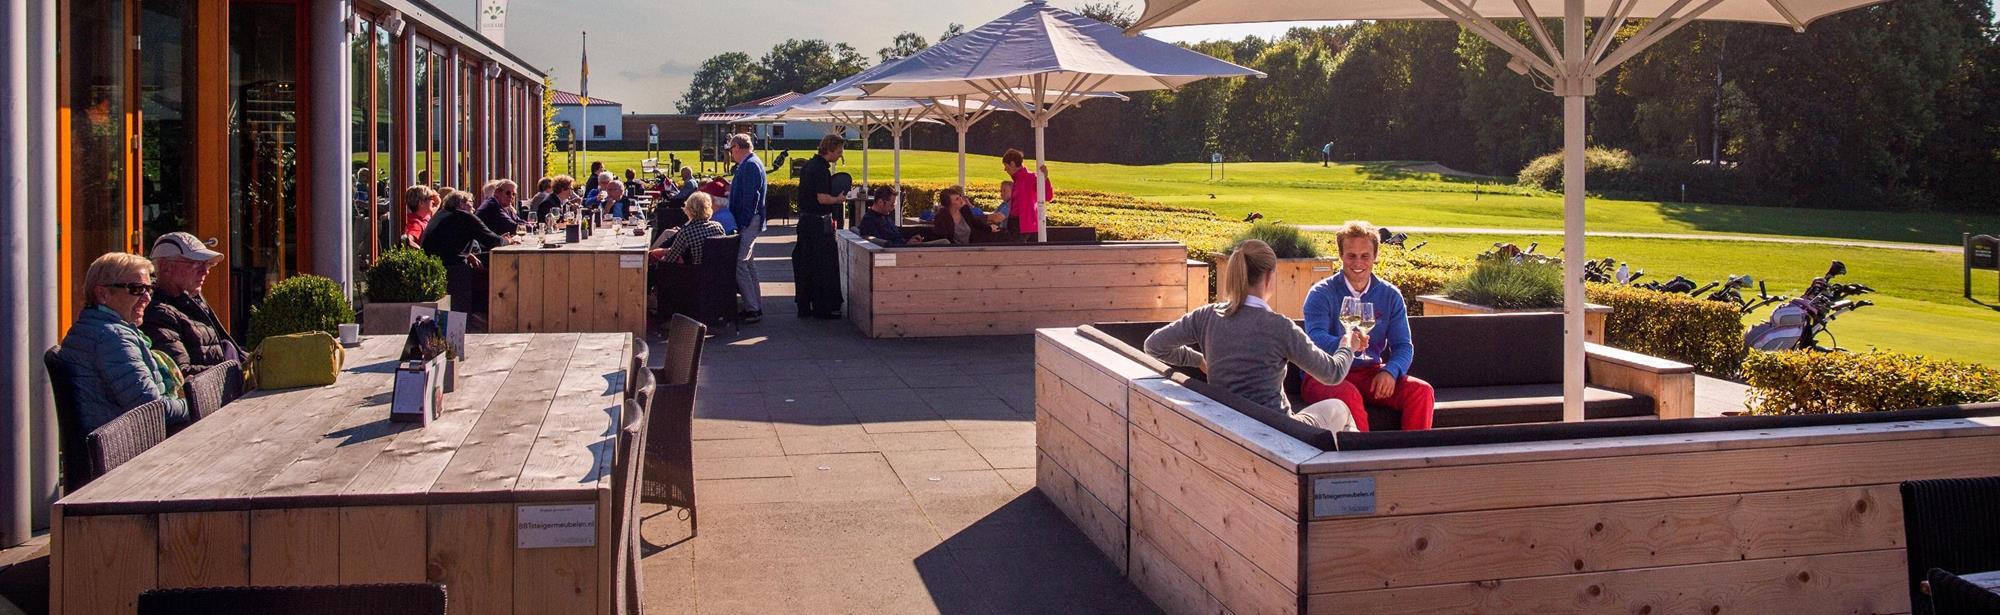 Restaurant Golfbaan Rijk van Margraten